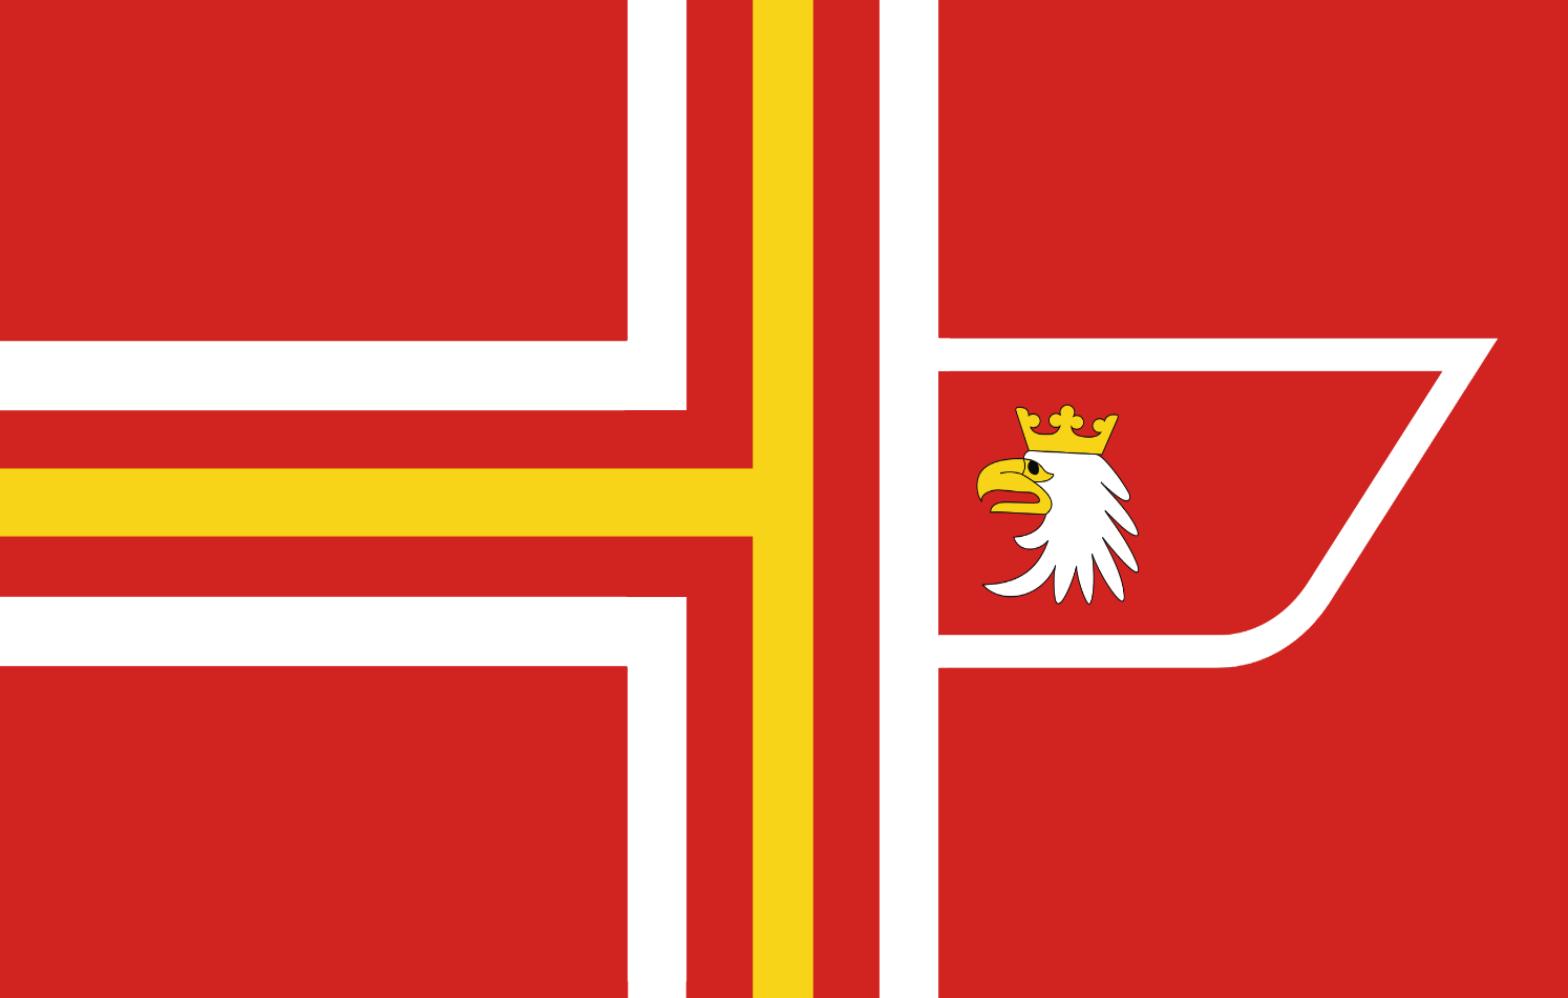 The Flag of the Rzeczpospolita Walruzyjska (Republic of Valruzia)